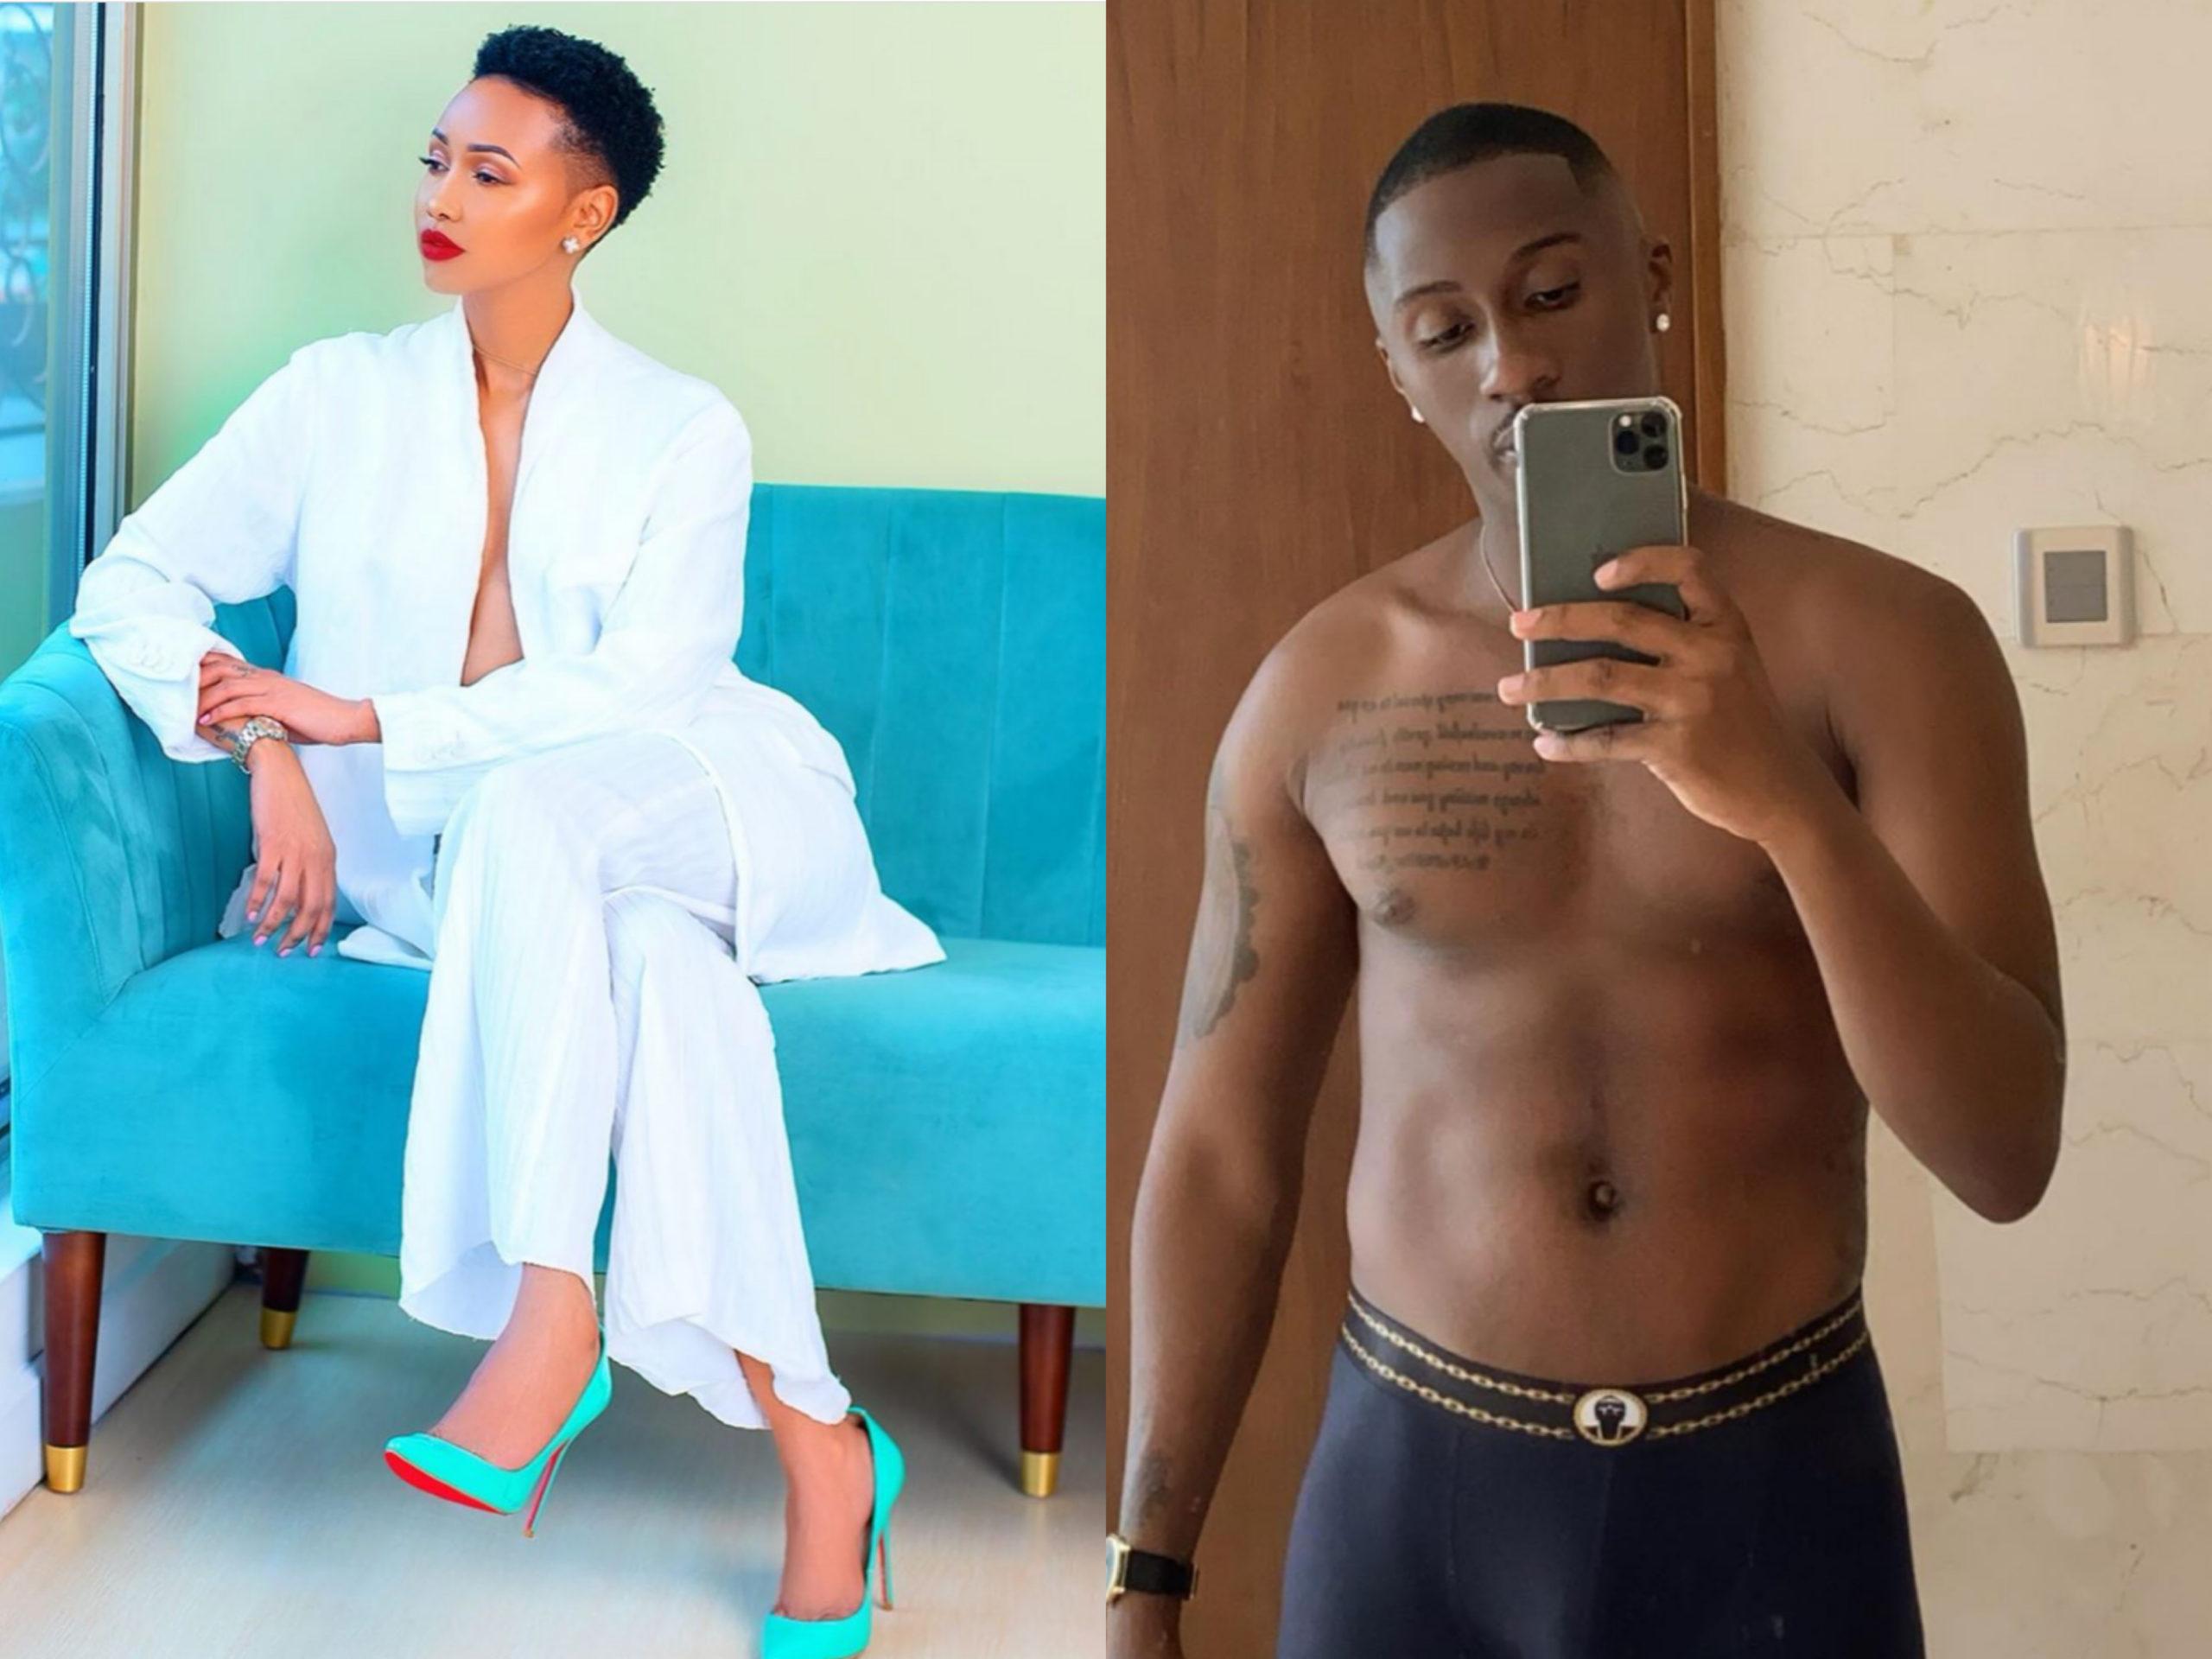 Huddah rumored to be in Zanzibar with Vanessa Mdee's Ex boyfriend!